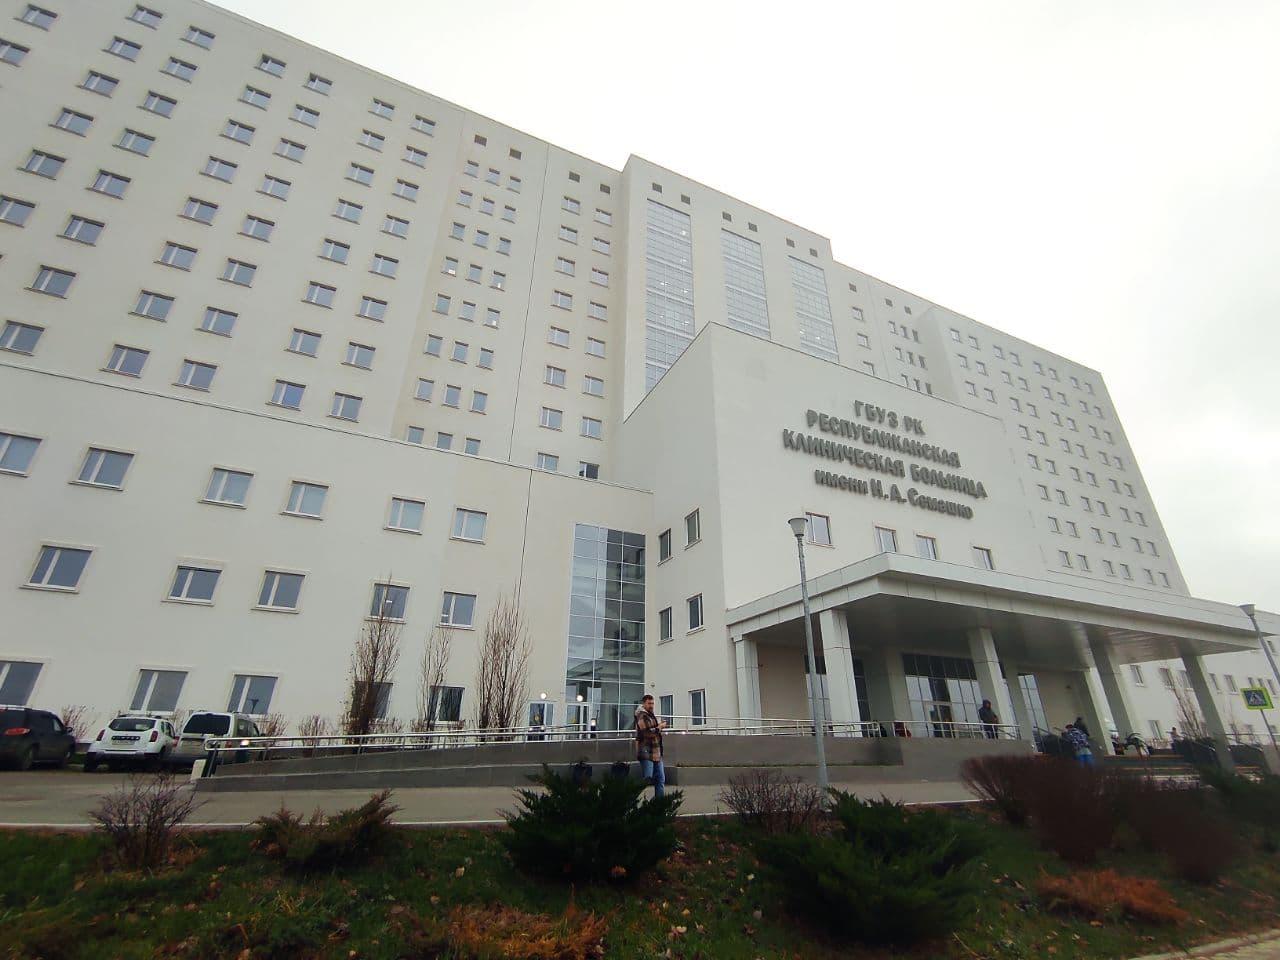 До конца года к новому симферопольскому медцентру имени Семашко запустят транспорт